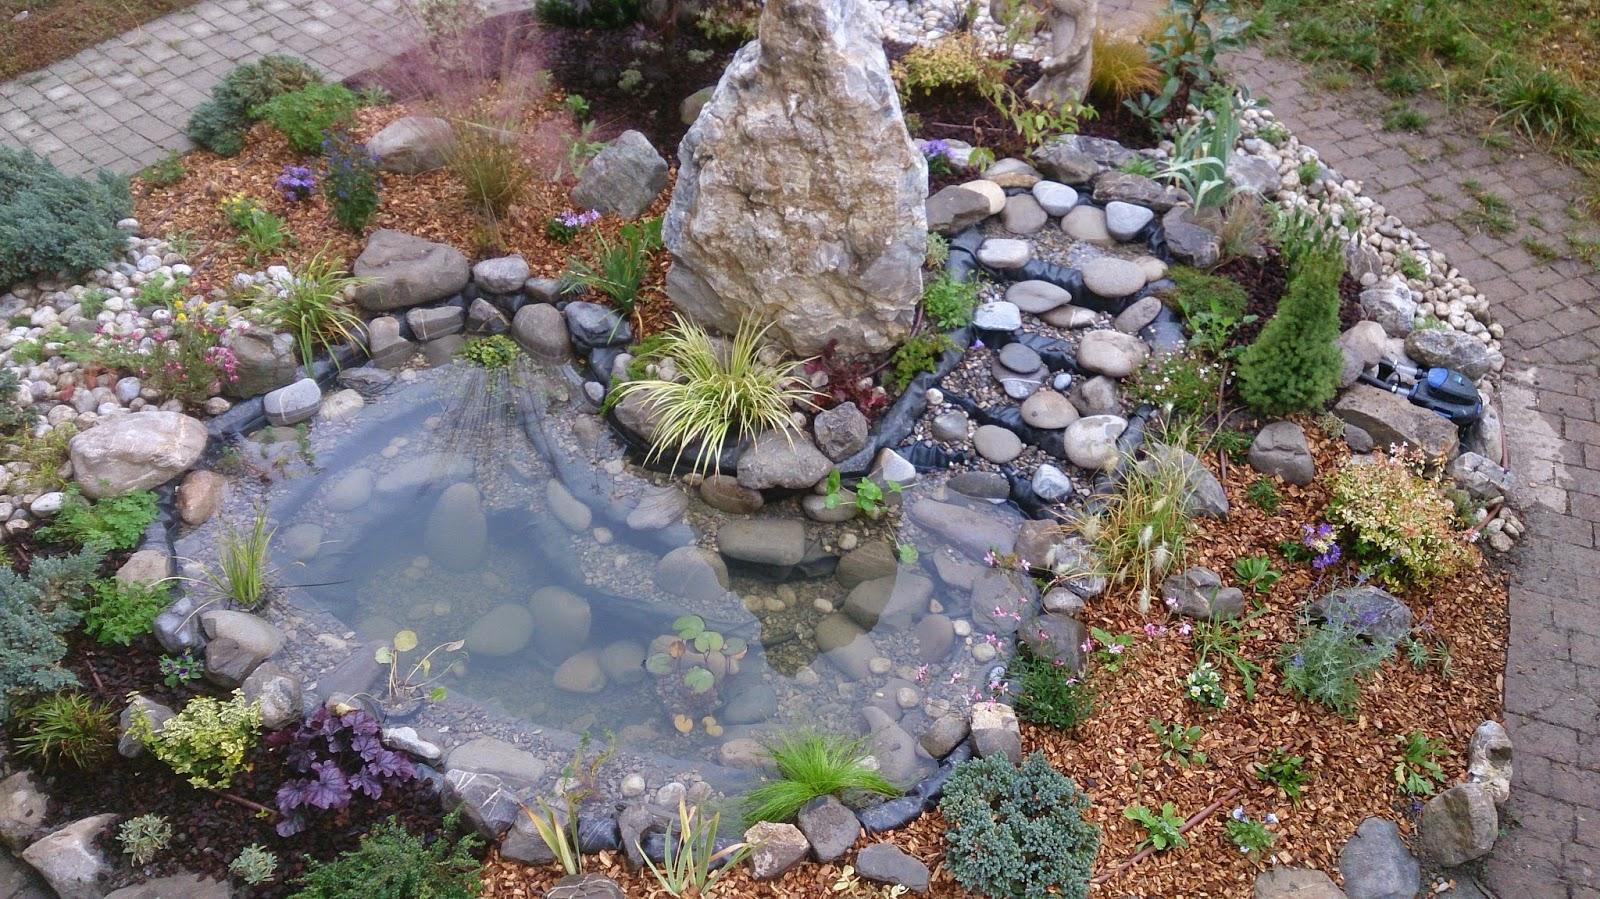 réalisation dun coin japonais avec bassin et cascade